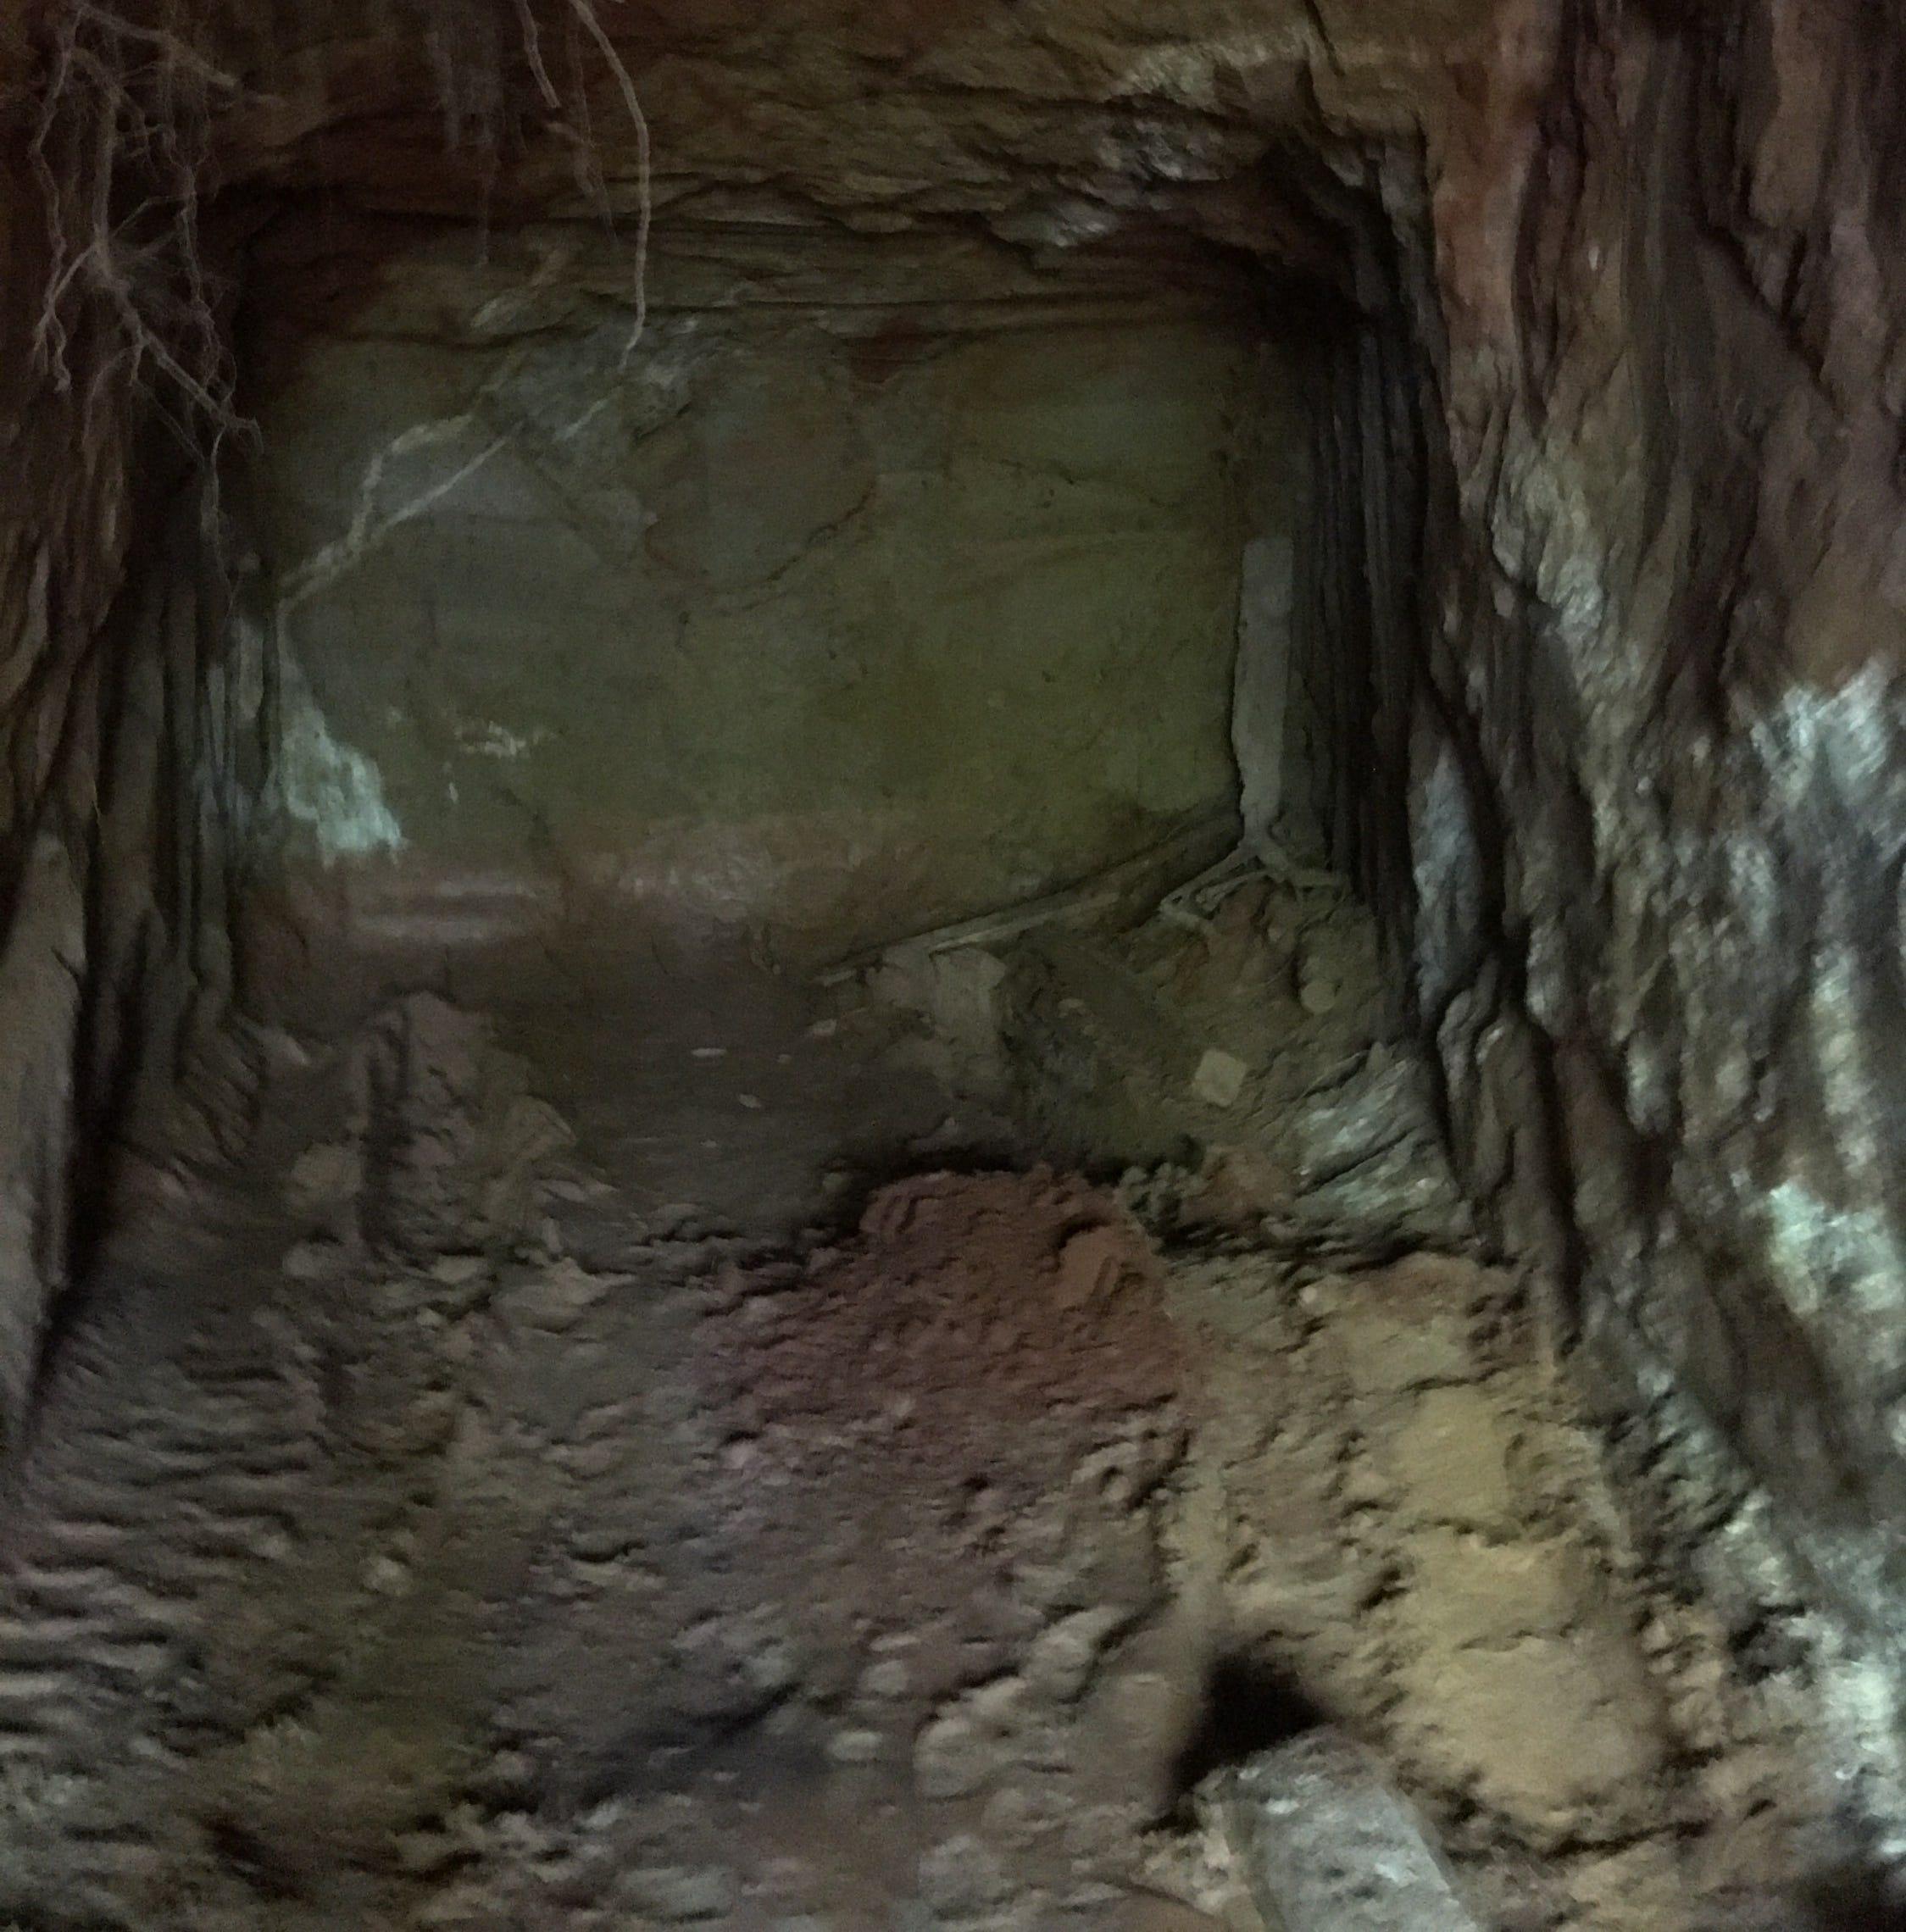 Greenville deputies recover $200K in stolen property hidden in tunnels in Piedmont